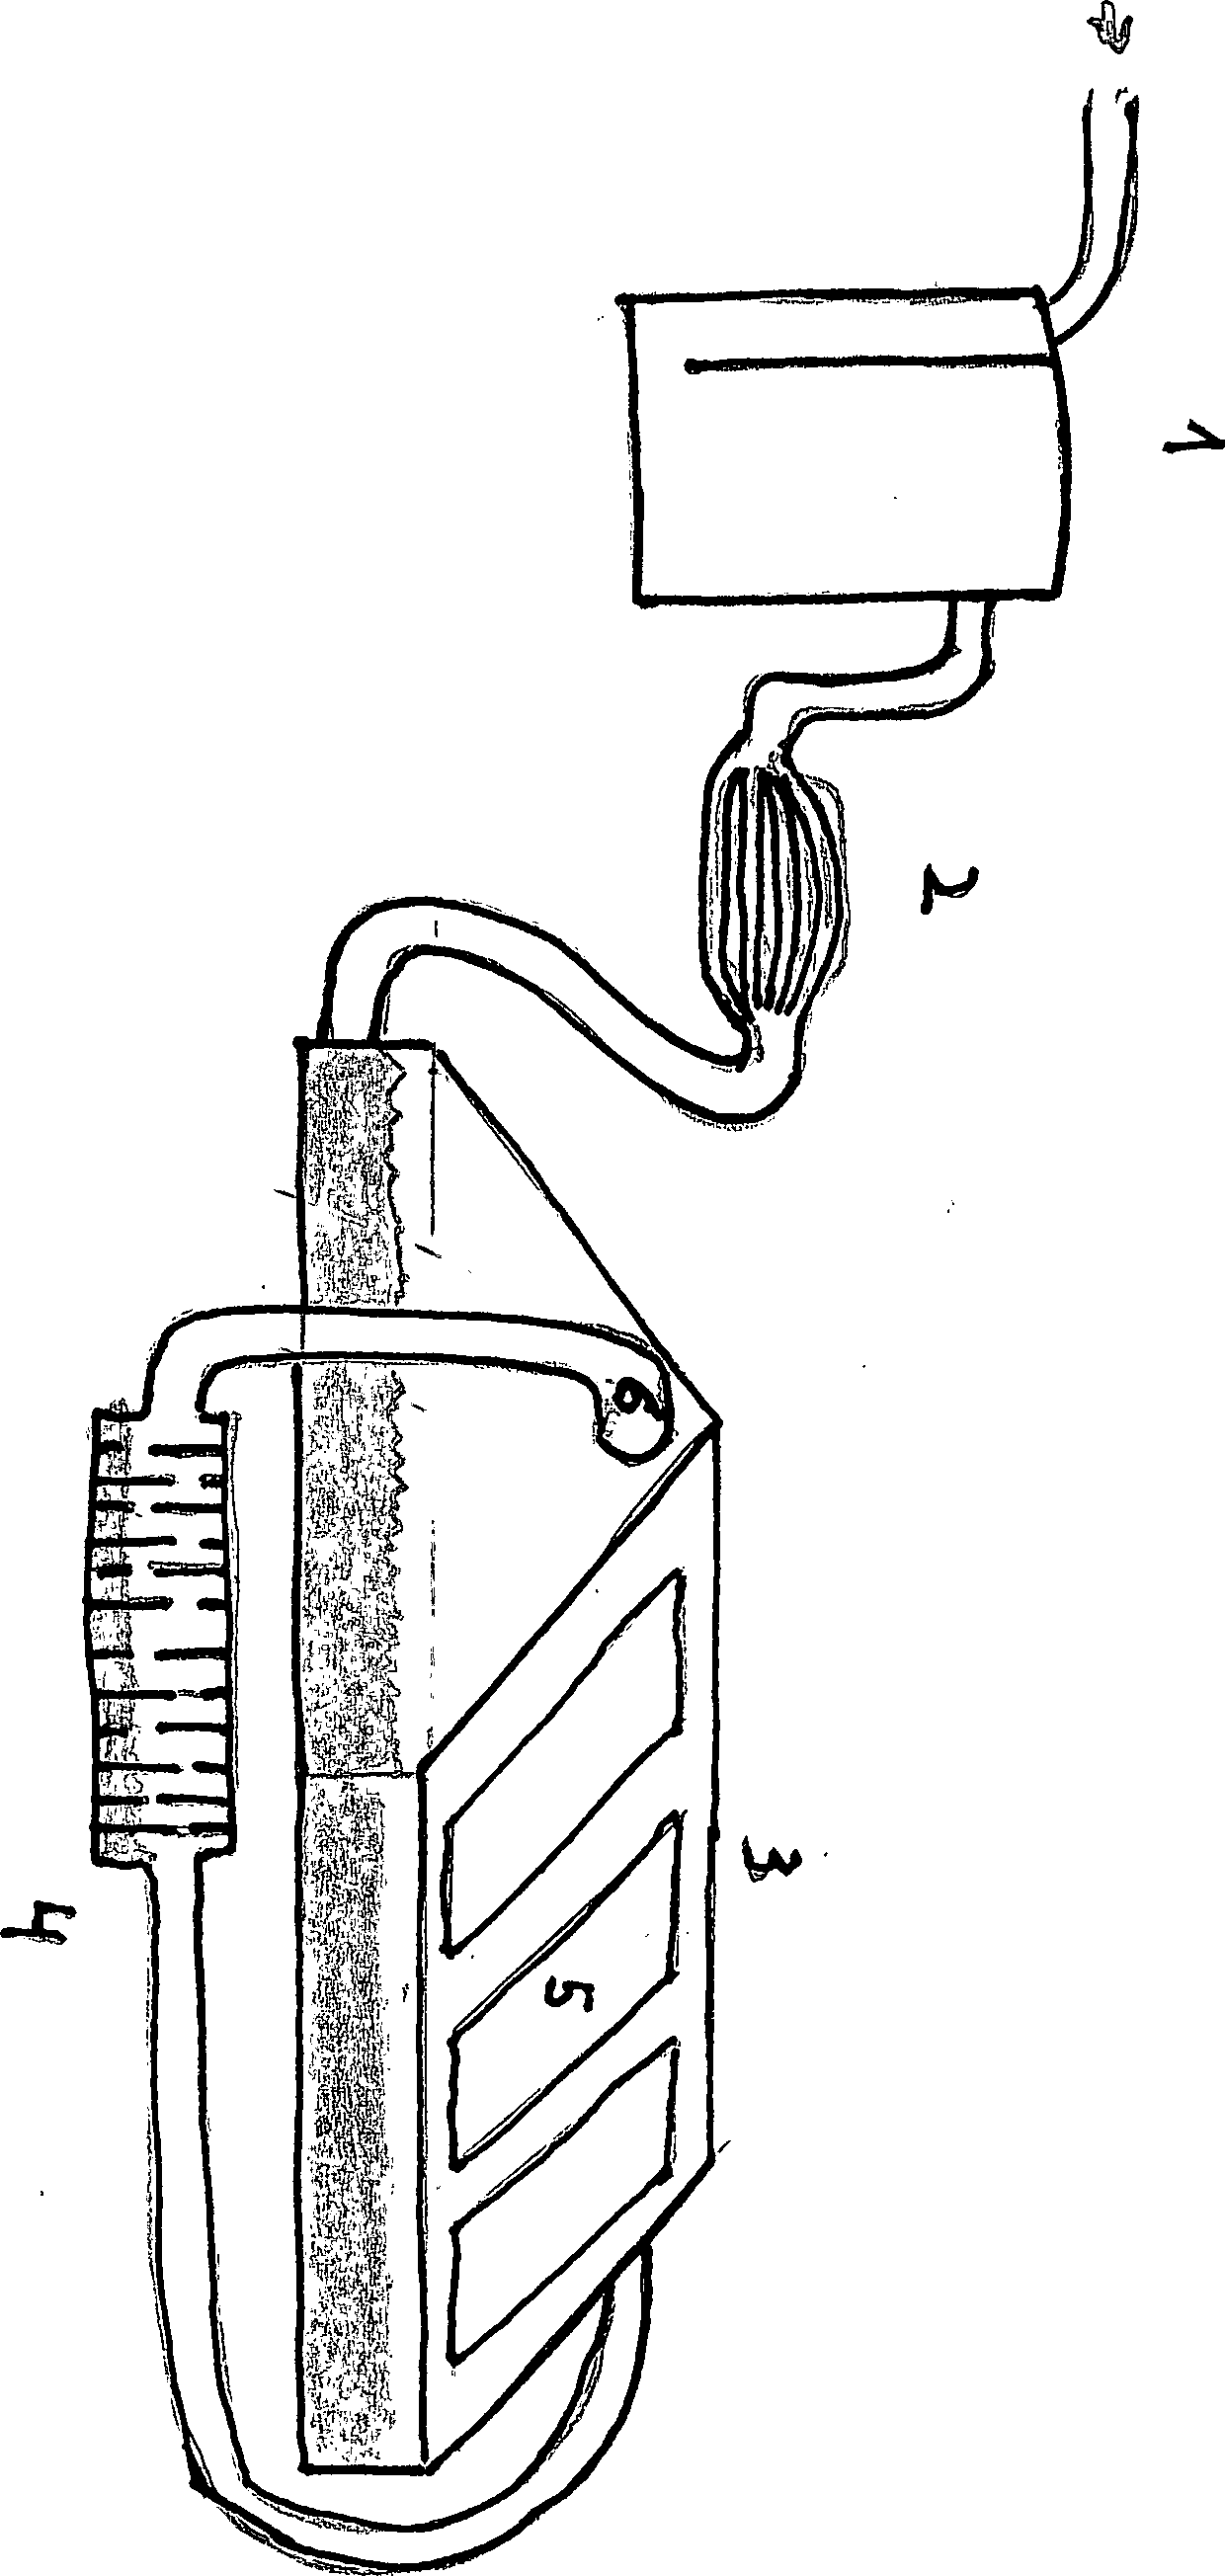 Patent DE A1 Solare Meerwasserentsalzungsanlage Solar